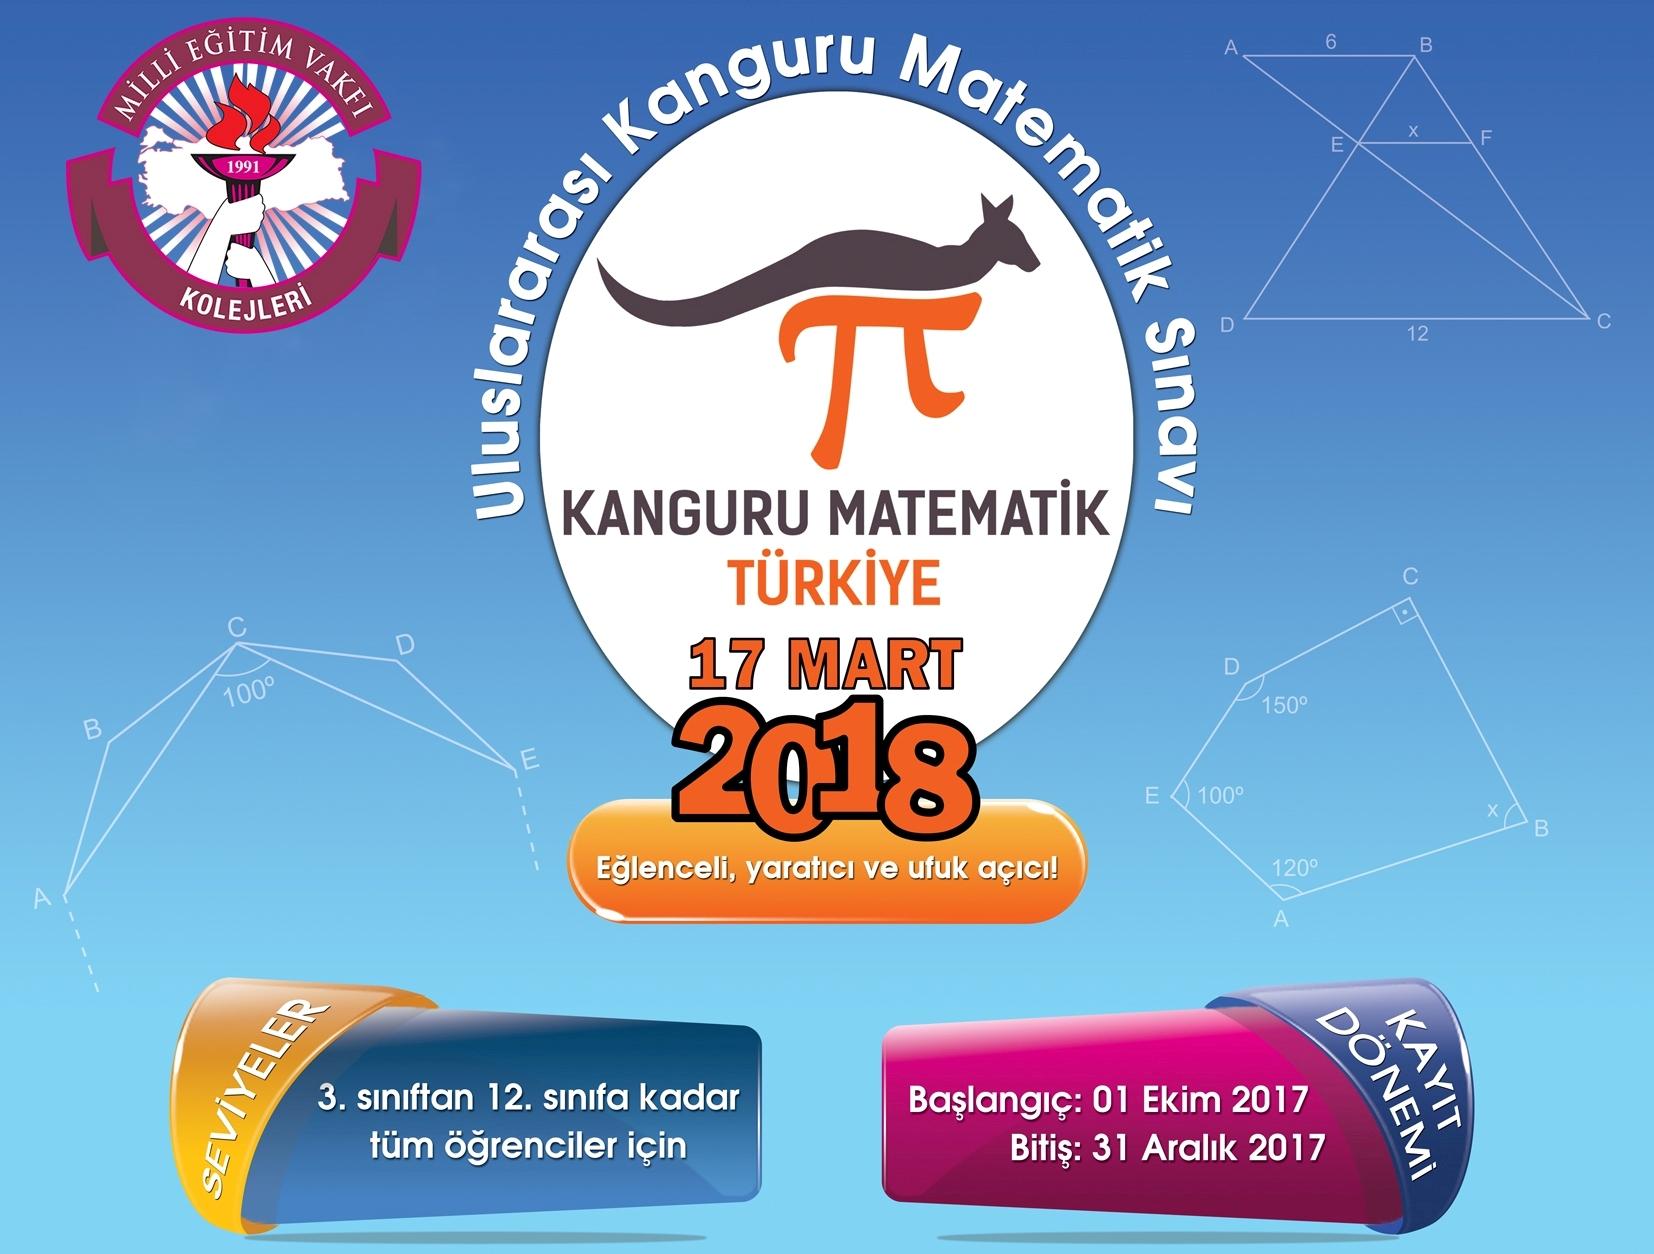 Uluslararası Kanguru Matematik Sınavına Ev Sahipliği Yapıyoruz